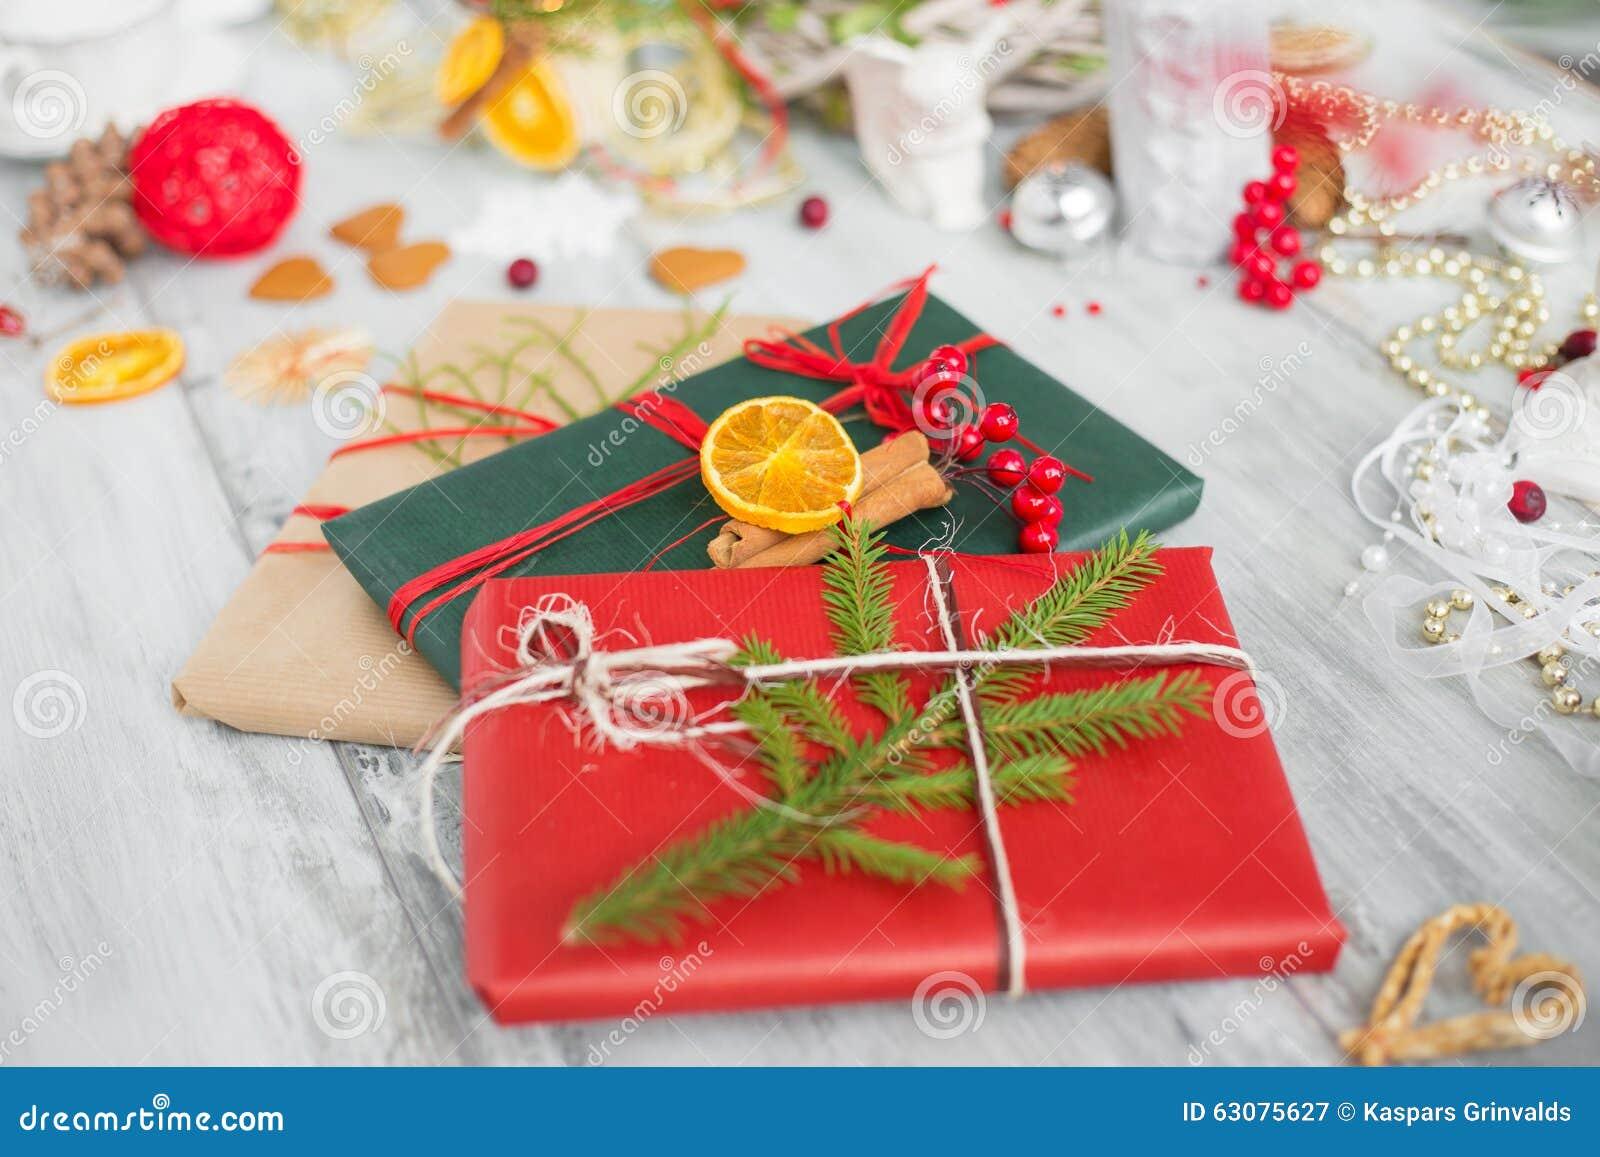 Download Cadeaux de Noël enveloppés image stock. Image du papier - 63075627